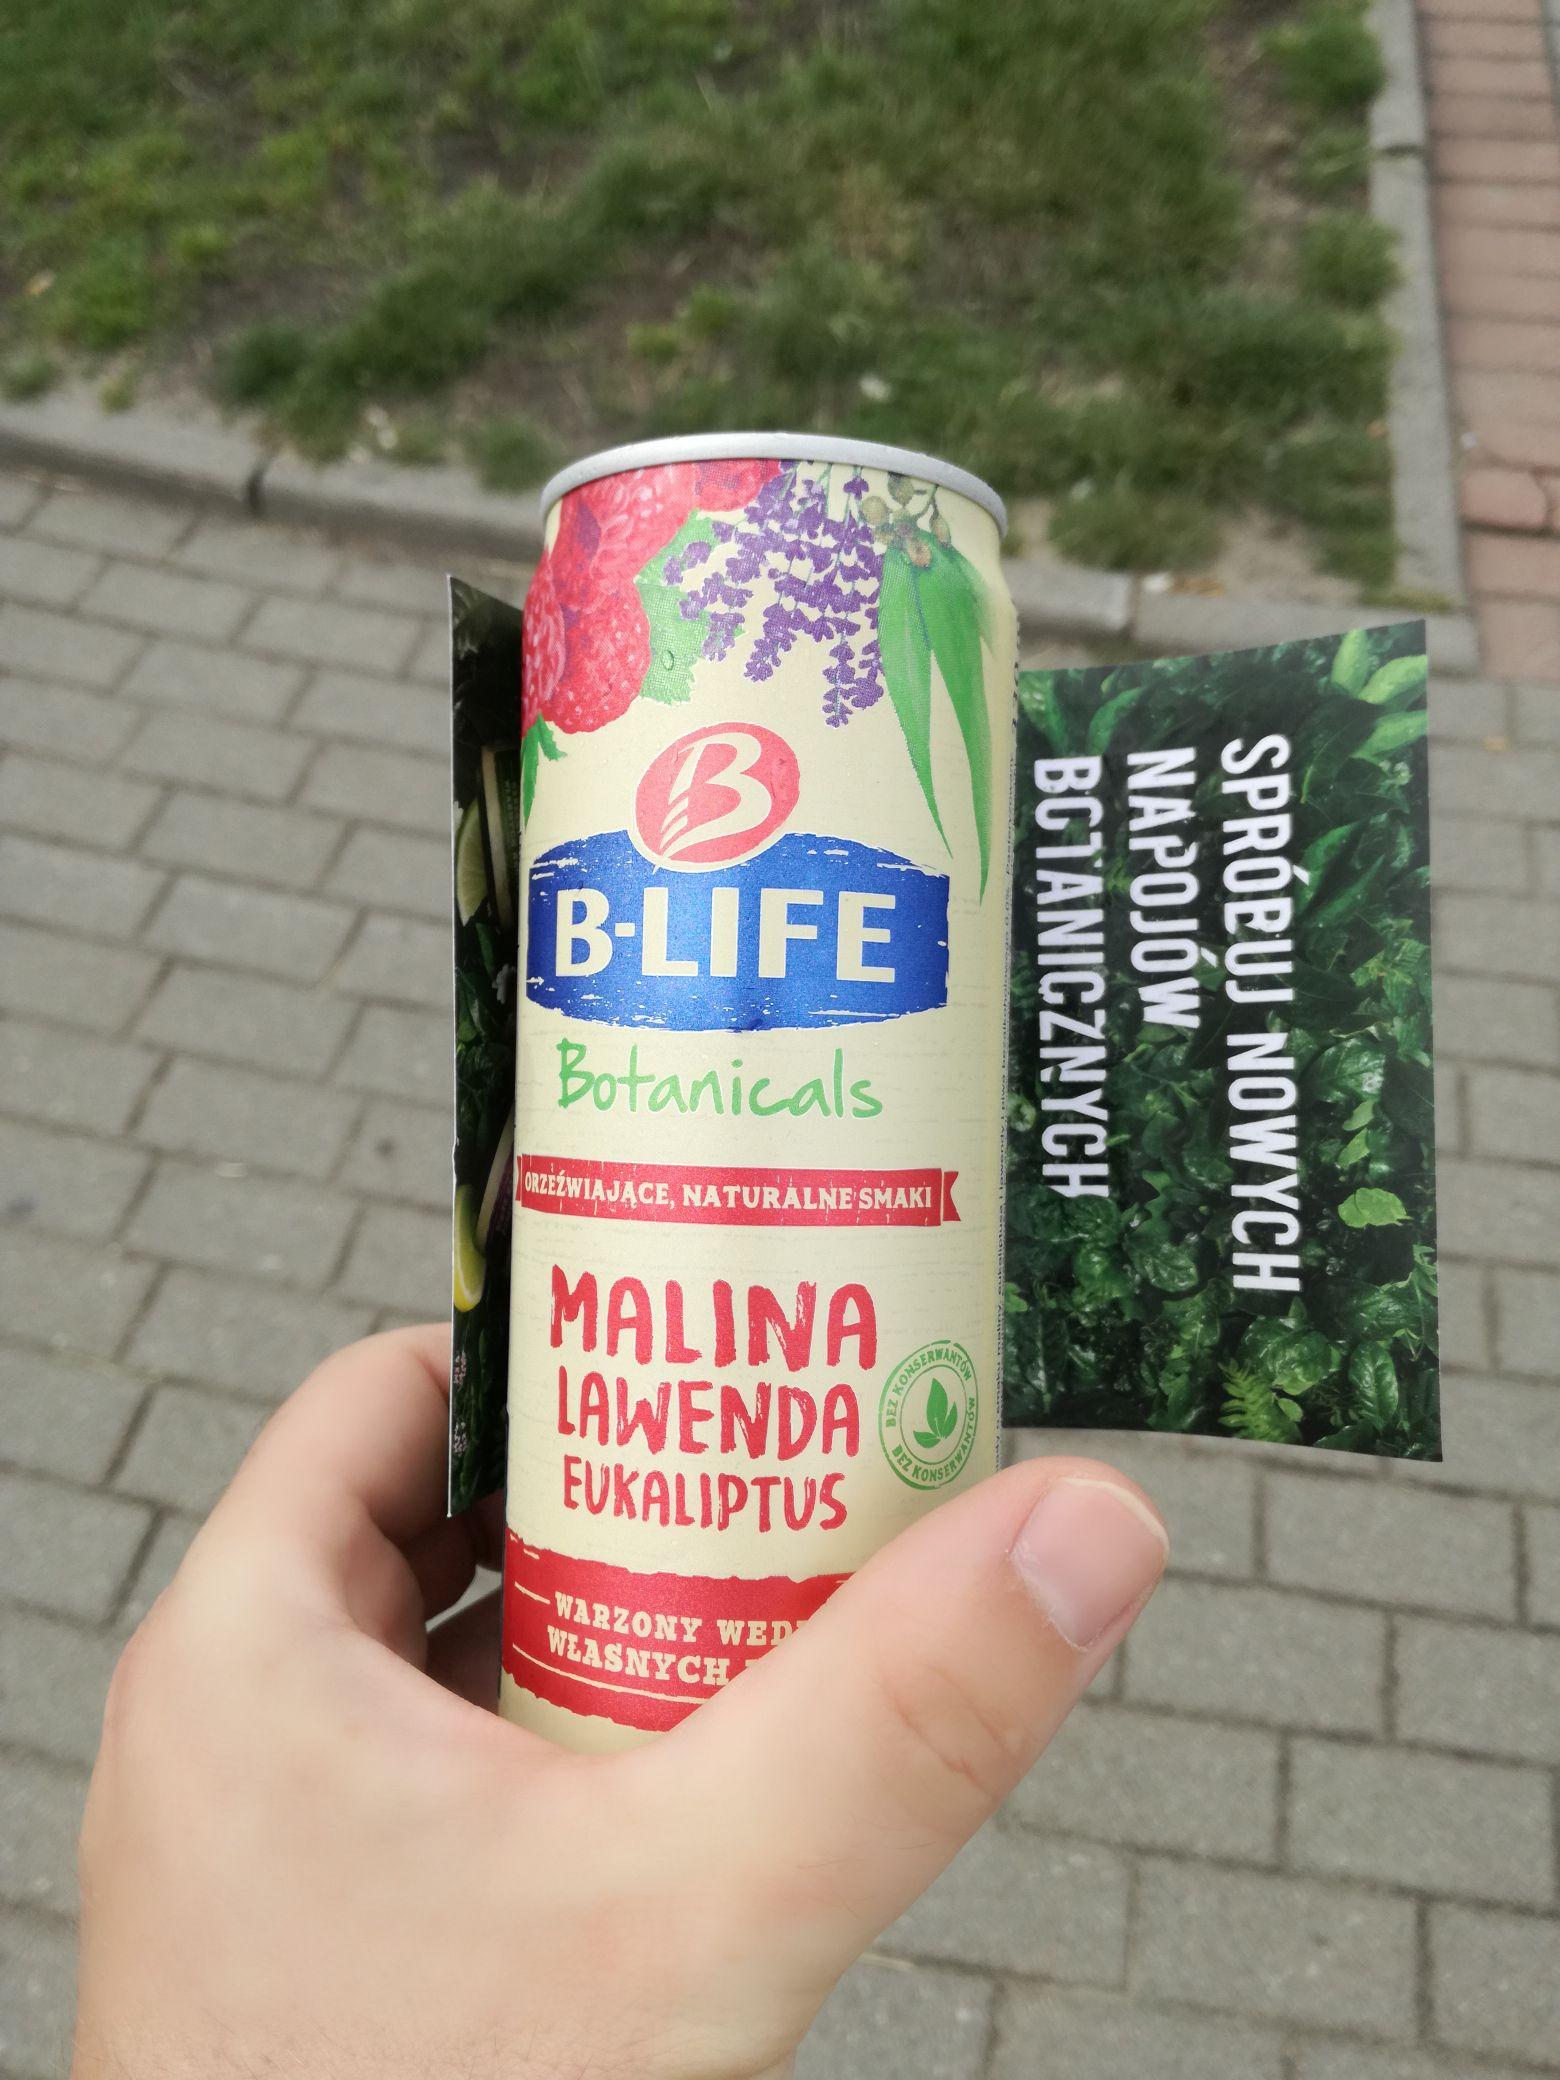 B life biotanicals napój przy ORP Błyskawica Gdynia